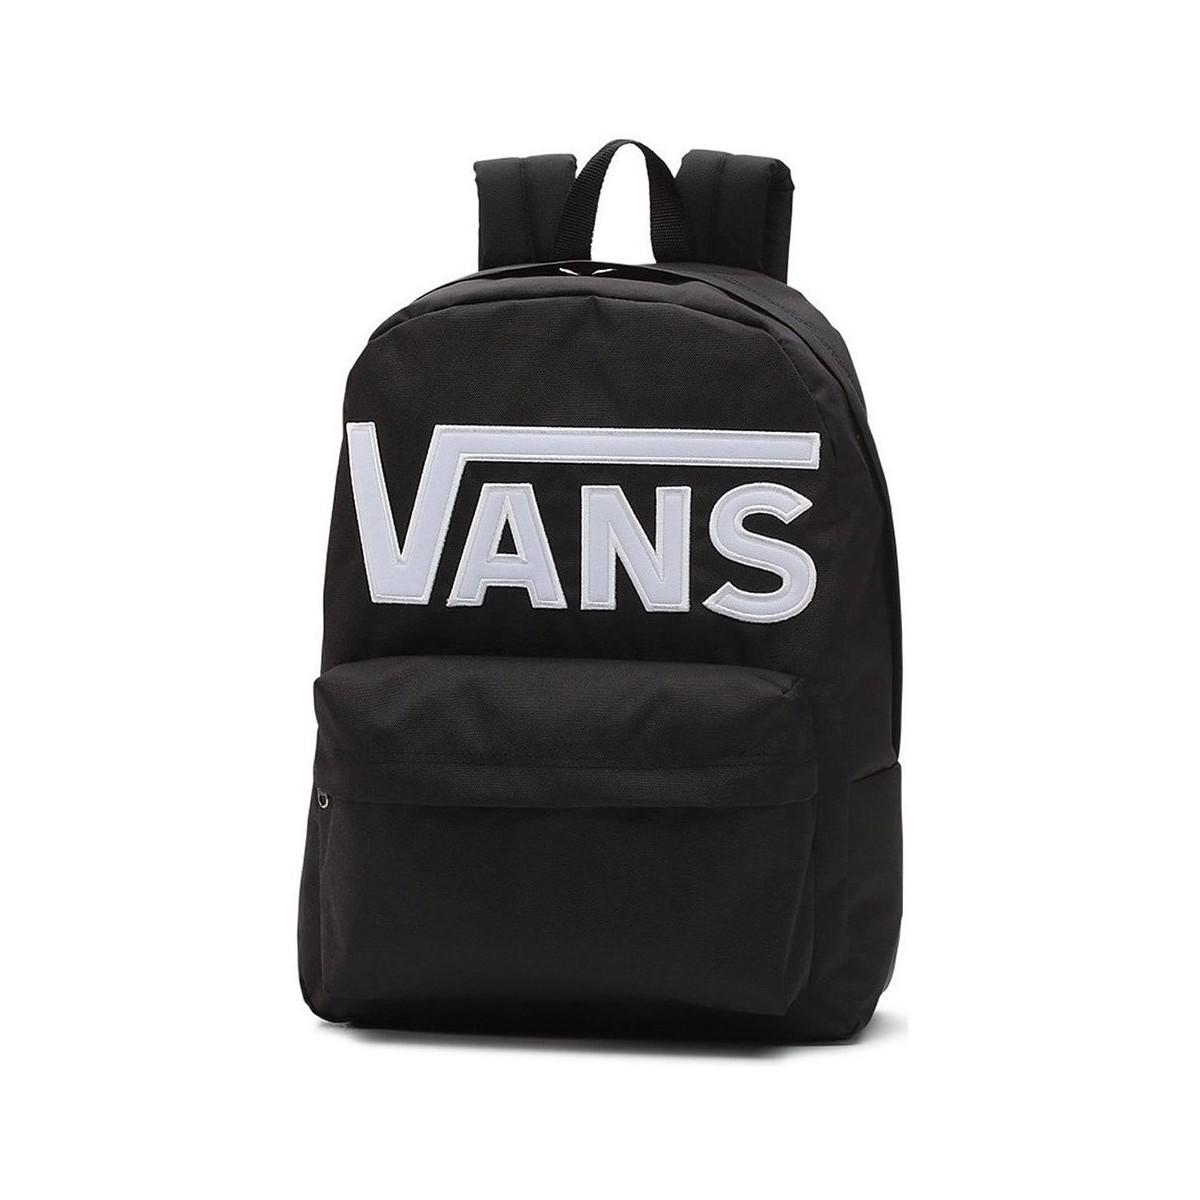 56039d8e99693 Vans Old Skool Ii Women s Backpack In Black in Black - Lyst